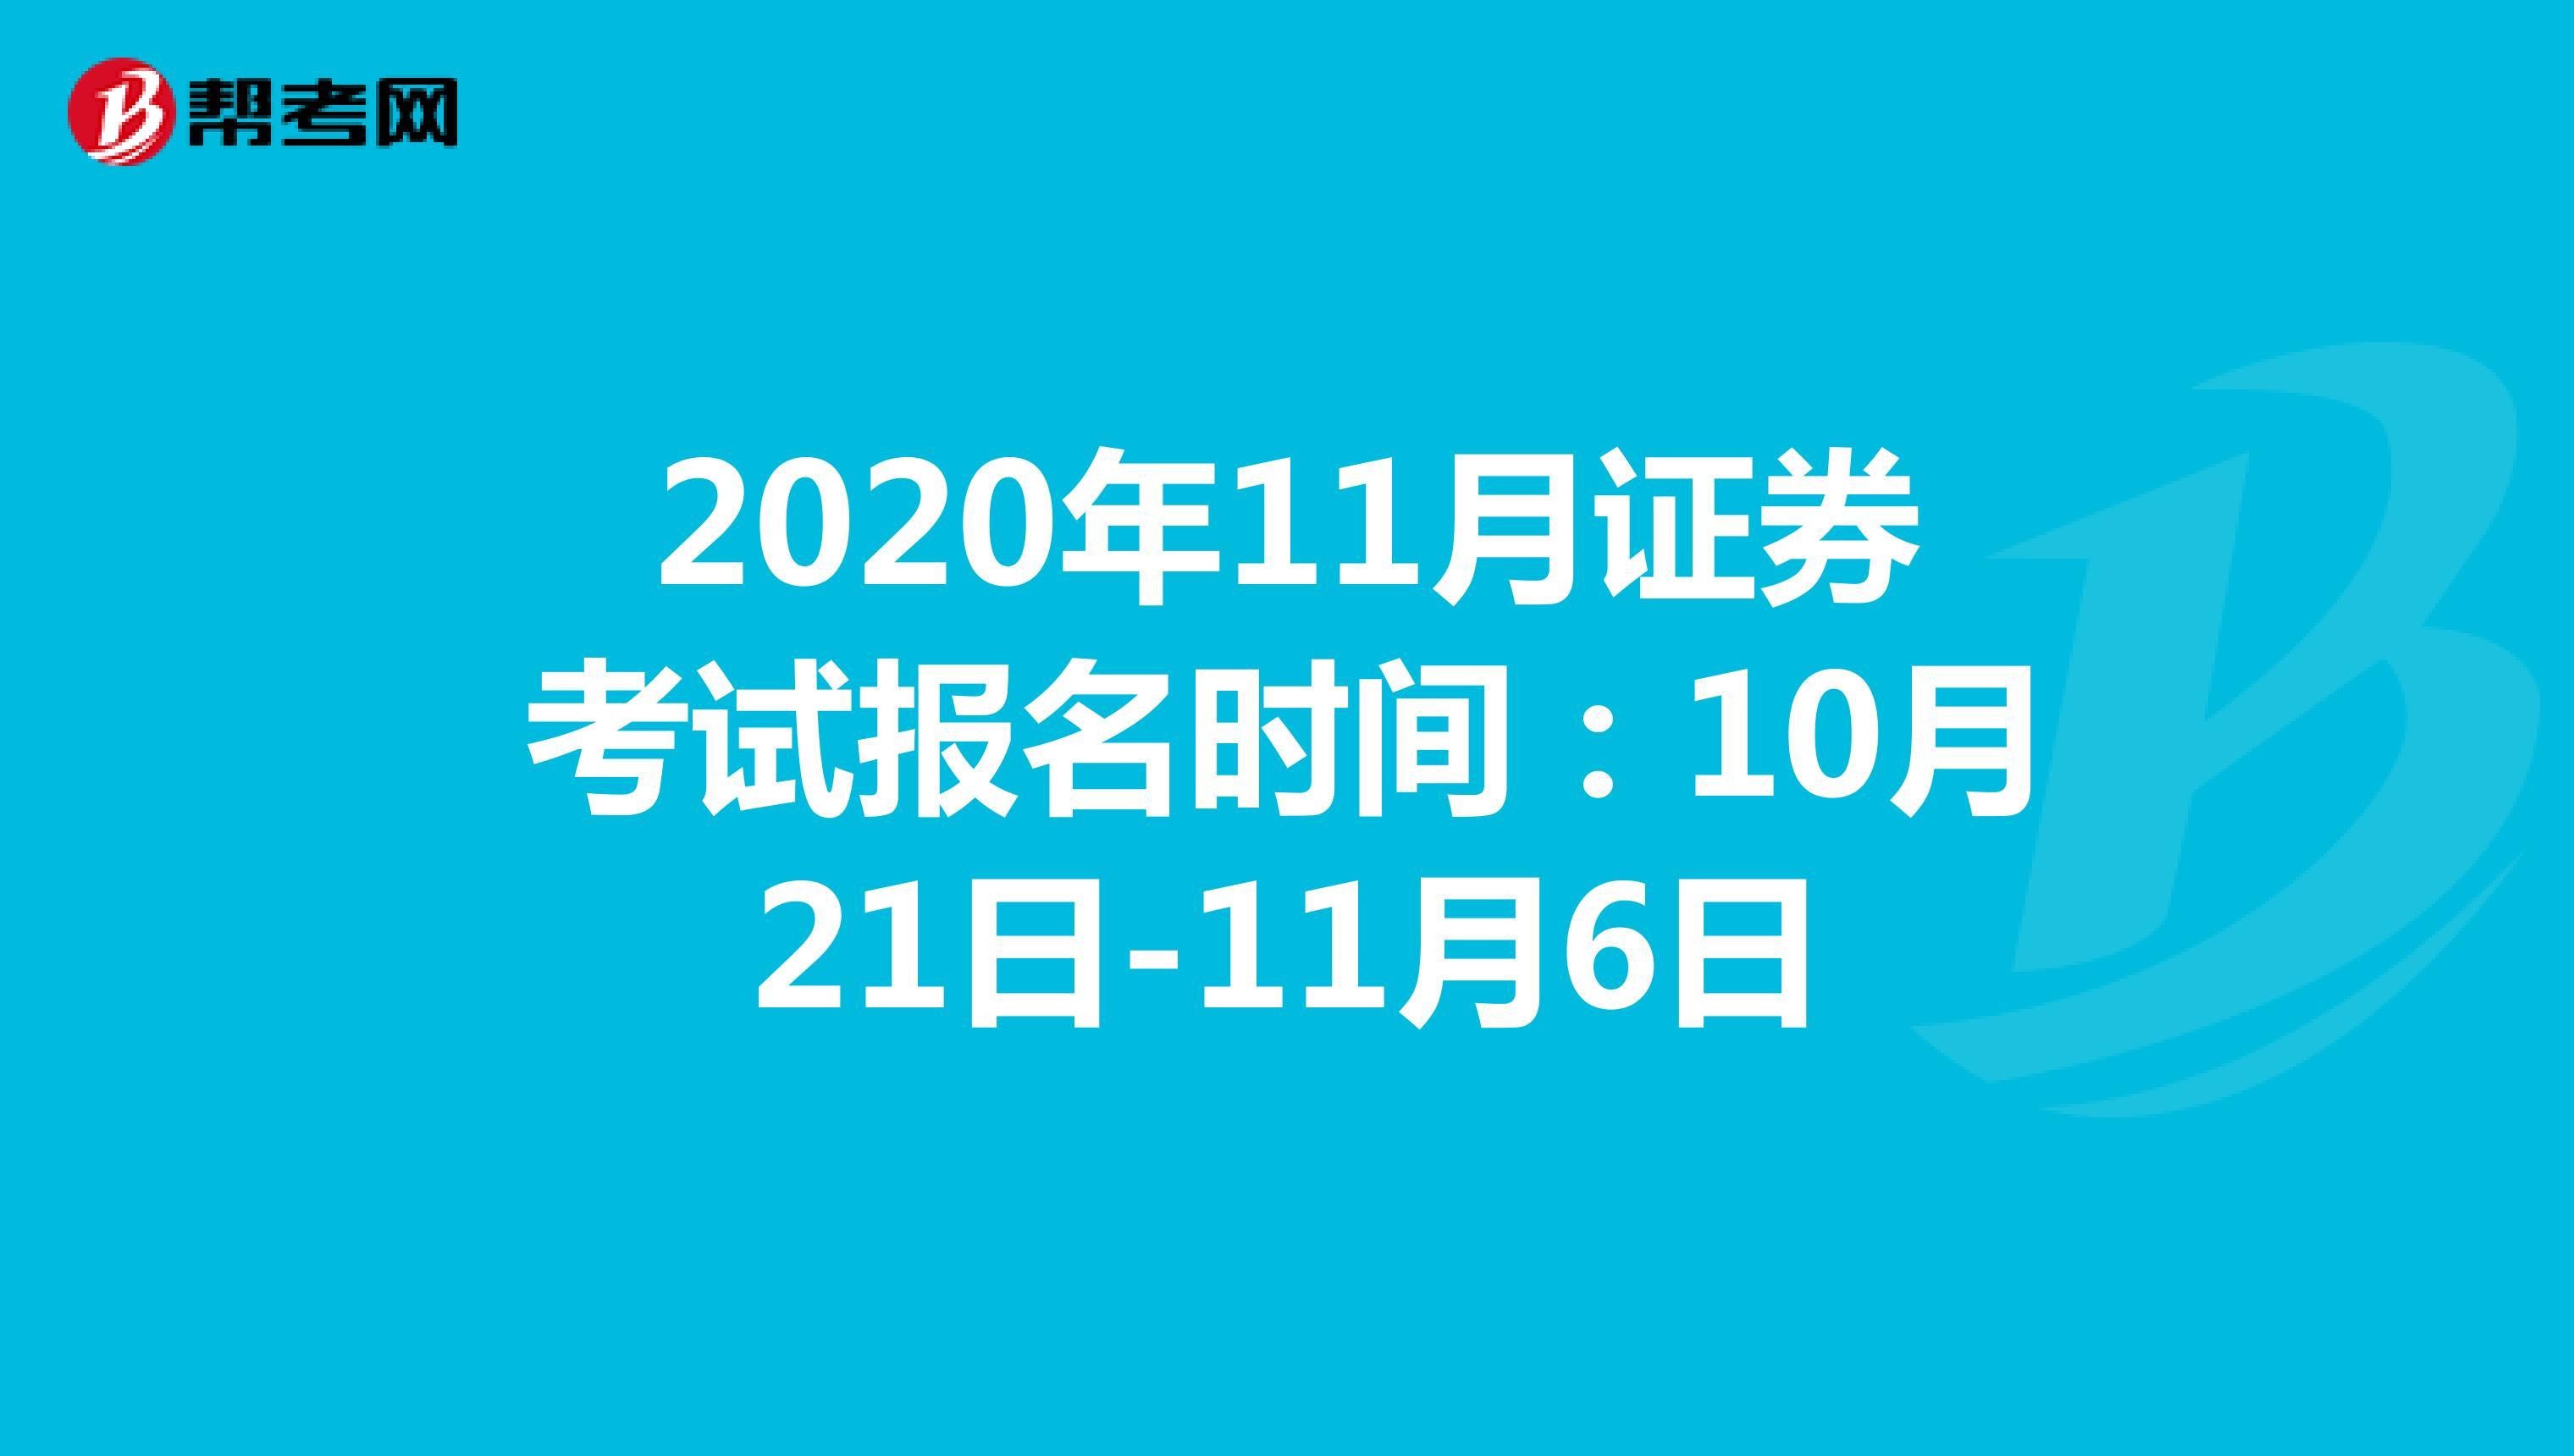 提醒:2020年11月证券从业资格Beplay官方报名入口已开通!